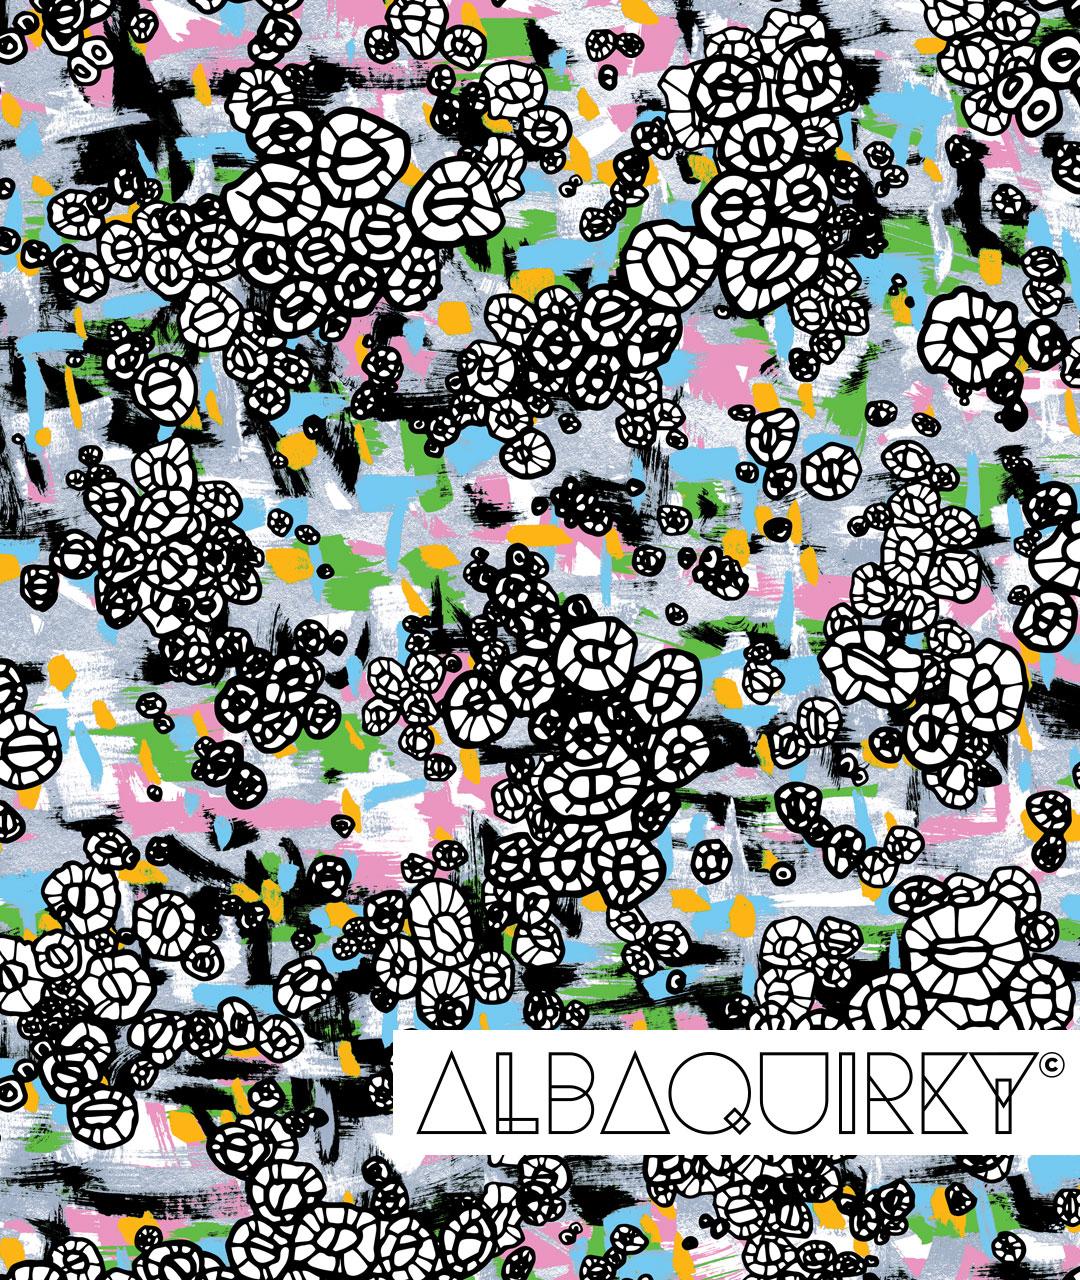 10_albaquirky